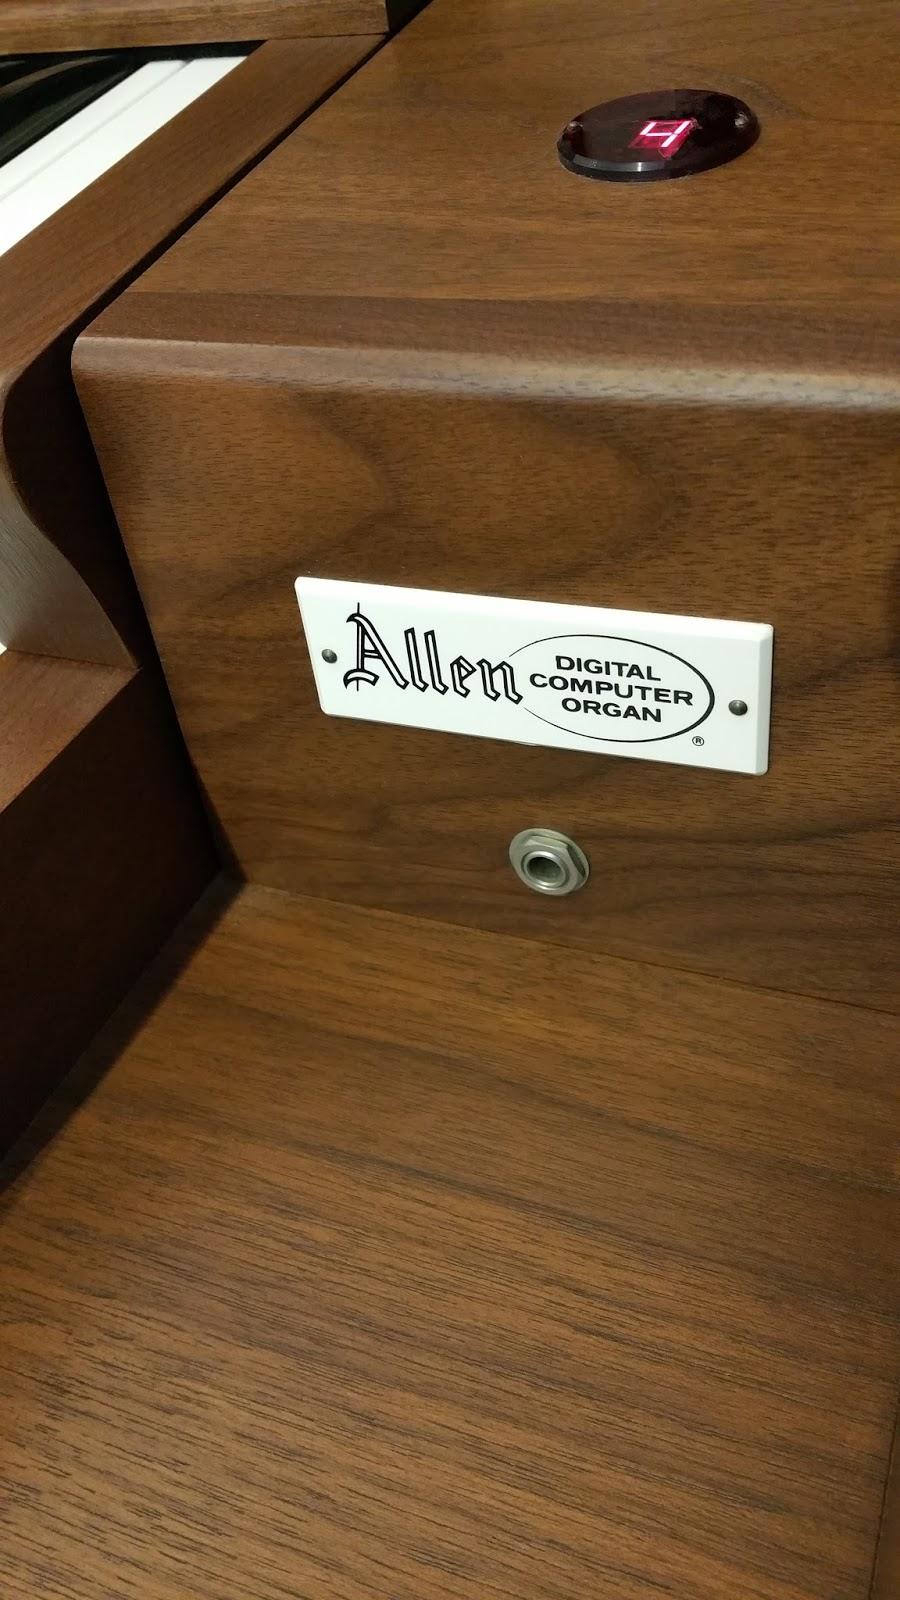 Allen organ - HEADPHONE JACK - PRESET INDICATOR